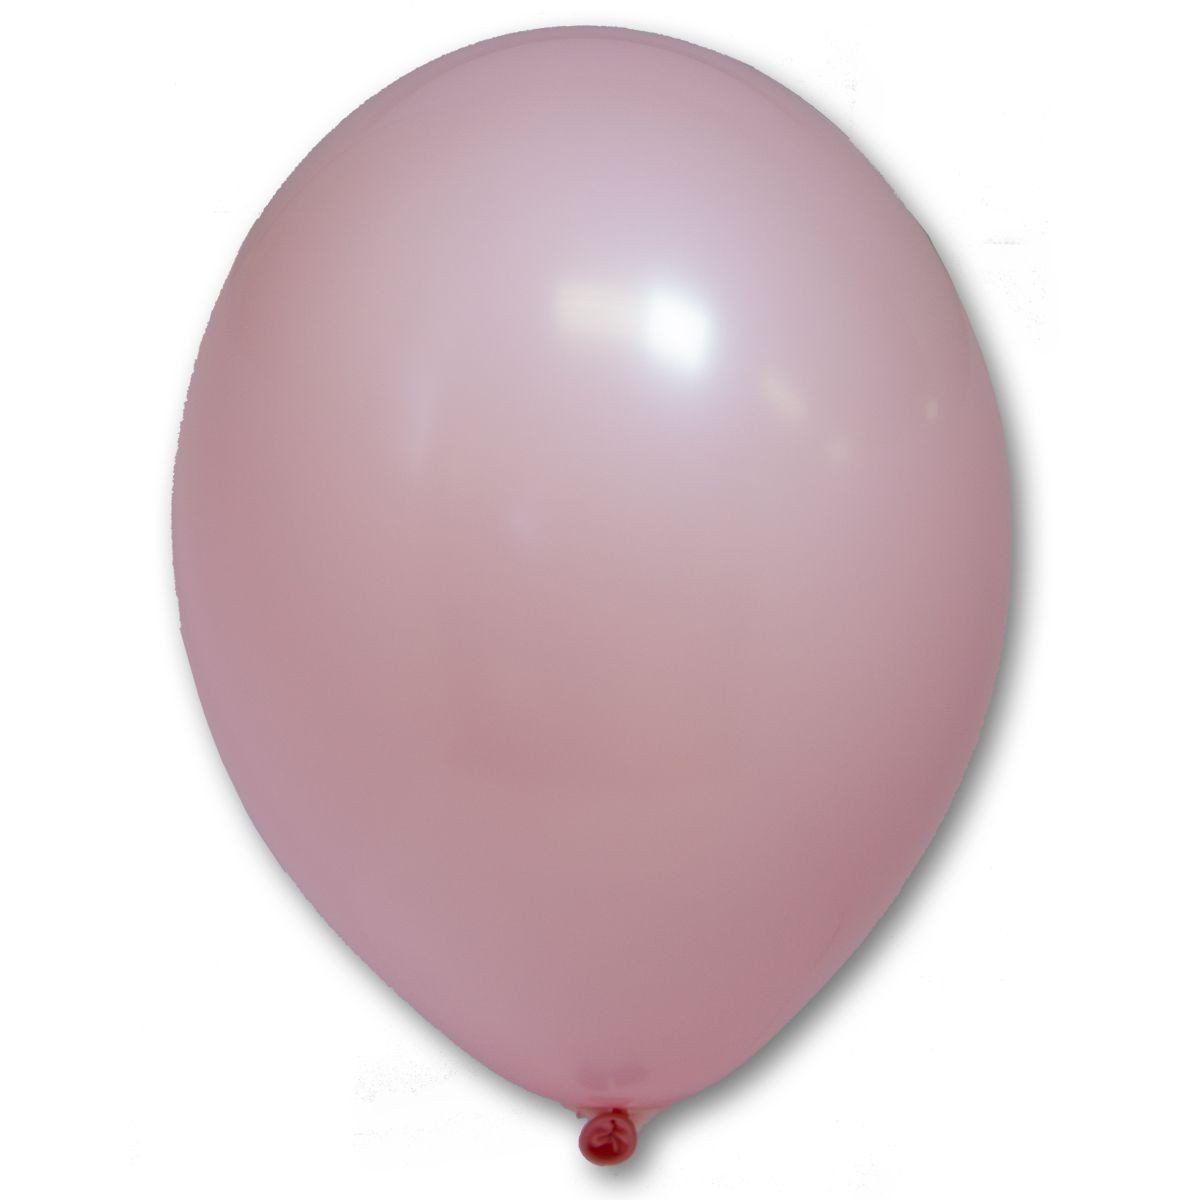 """Кулька 12""""/30 рожевий світлий 004 латекс пастель ТМ """"Belbal"""" однотонний шт."""